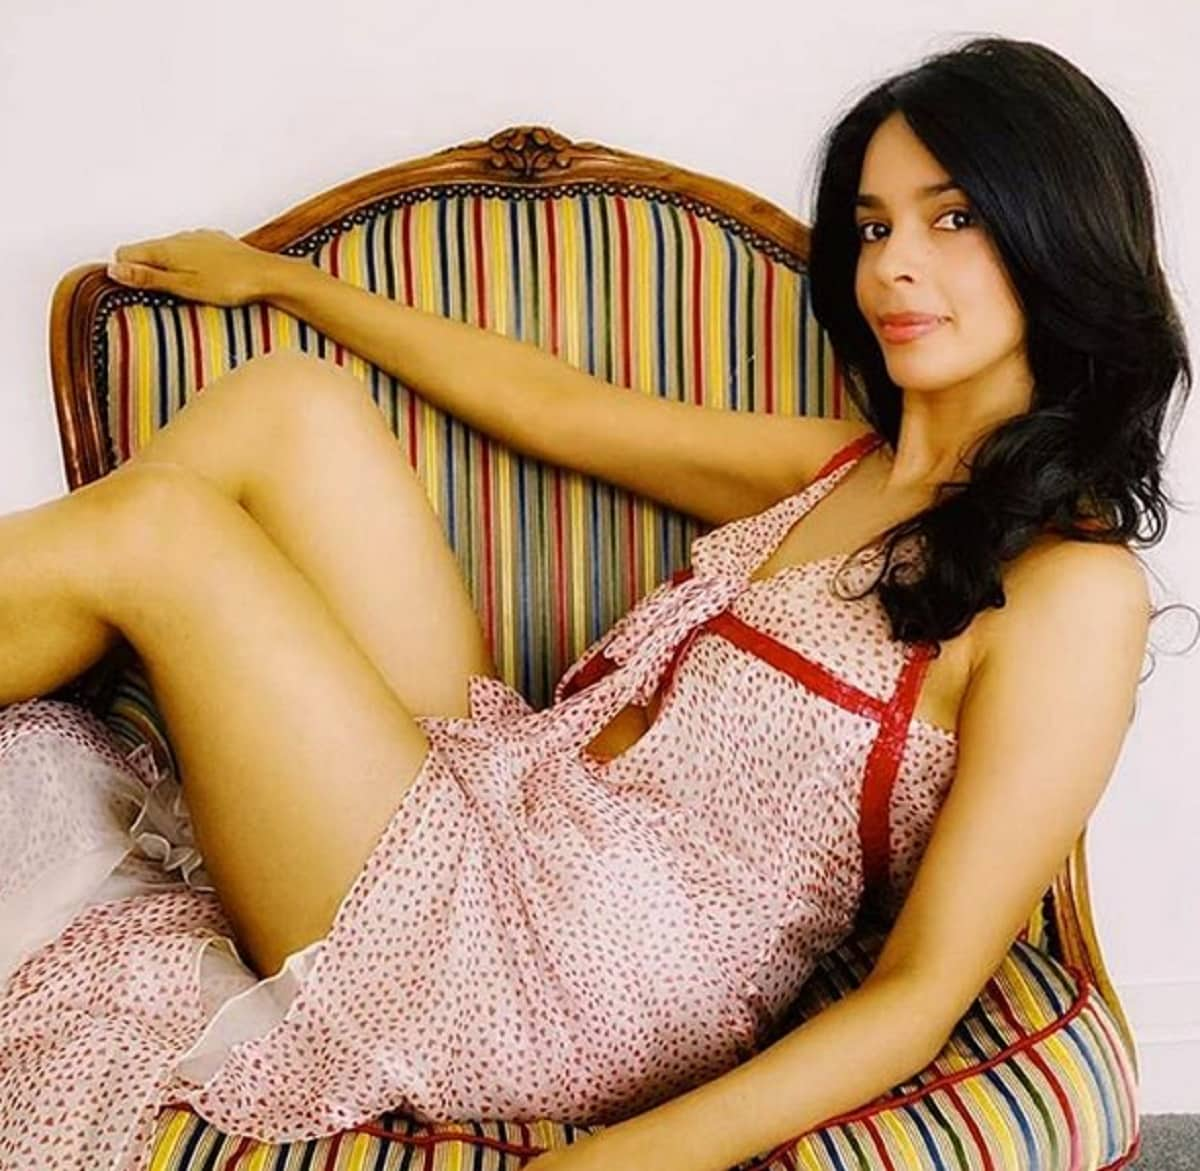 मल्लिका अशी पहिली बॉलिवूड अभिनेत्री आहे, जिने जॅकी चैनबरोबरही काम केले आहे. हिंदीबरोबरच तिने इंग्रजी आणि चिनी सिनेमातही काम केले आहे. (फोटो सौजन्य- इन्स्टाग्राम @mallikasherawat)